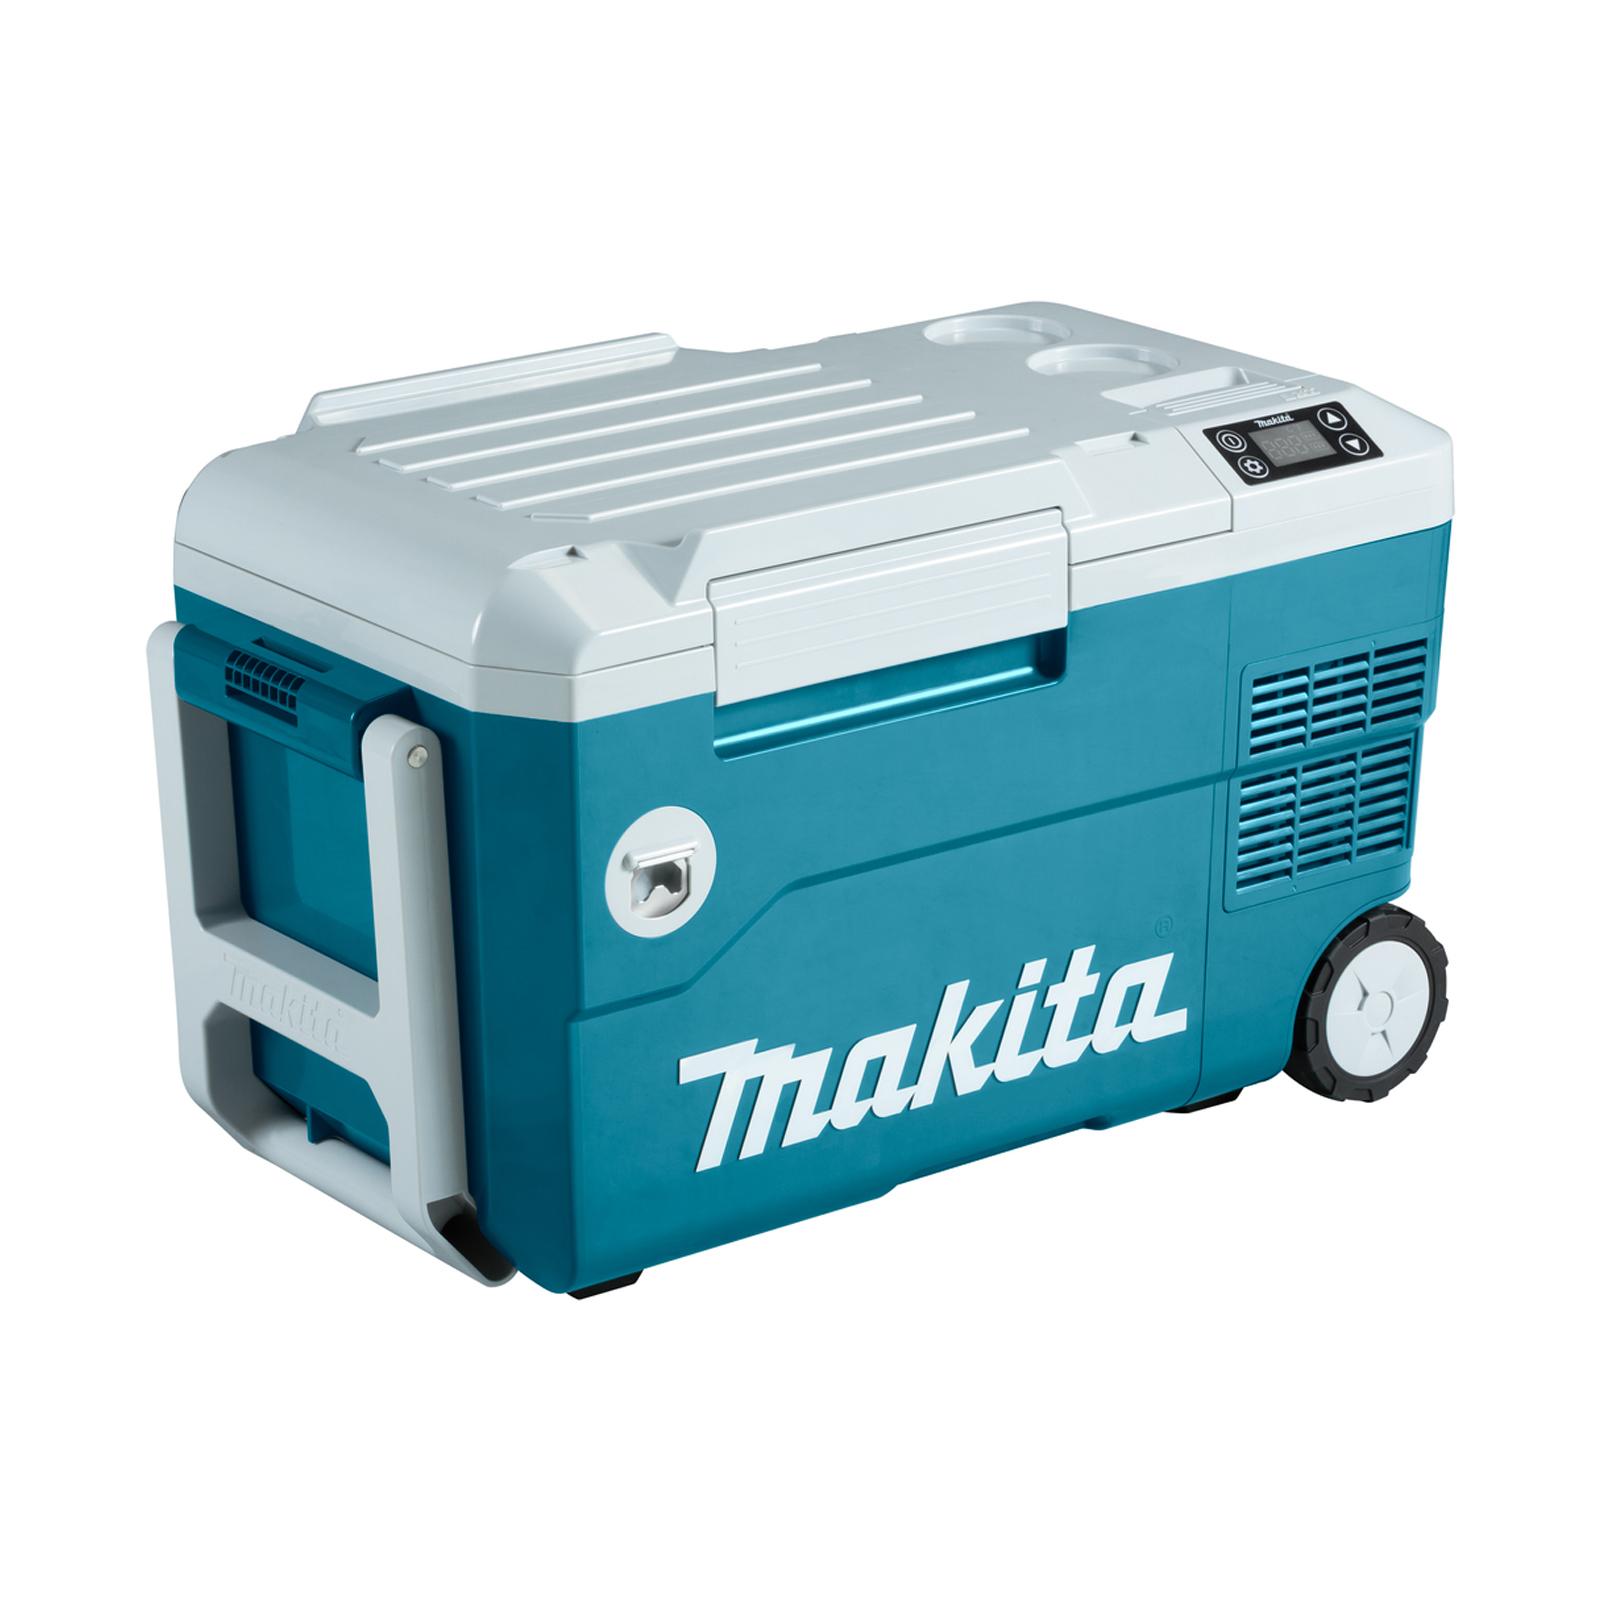 Makita 18 V / 230V Vries-/koelbox met verwarmfunctie DCW180Z